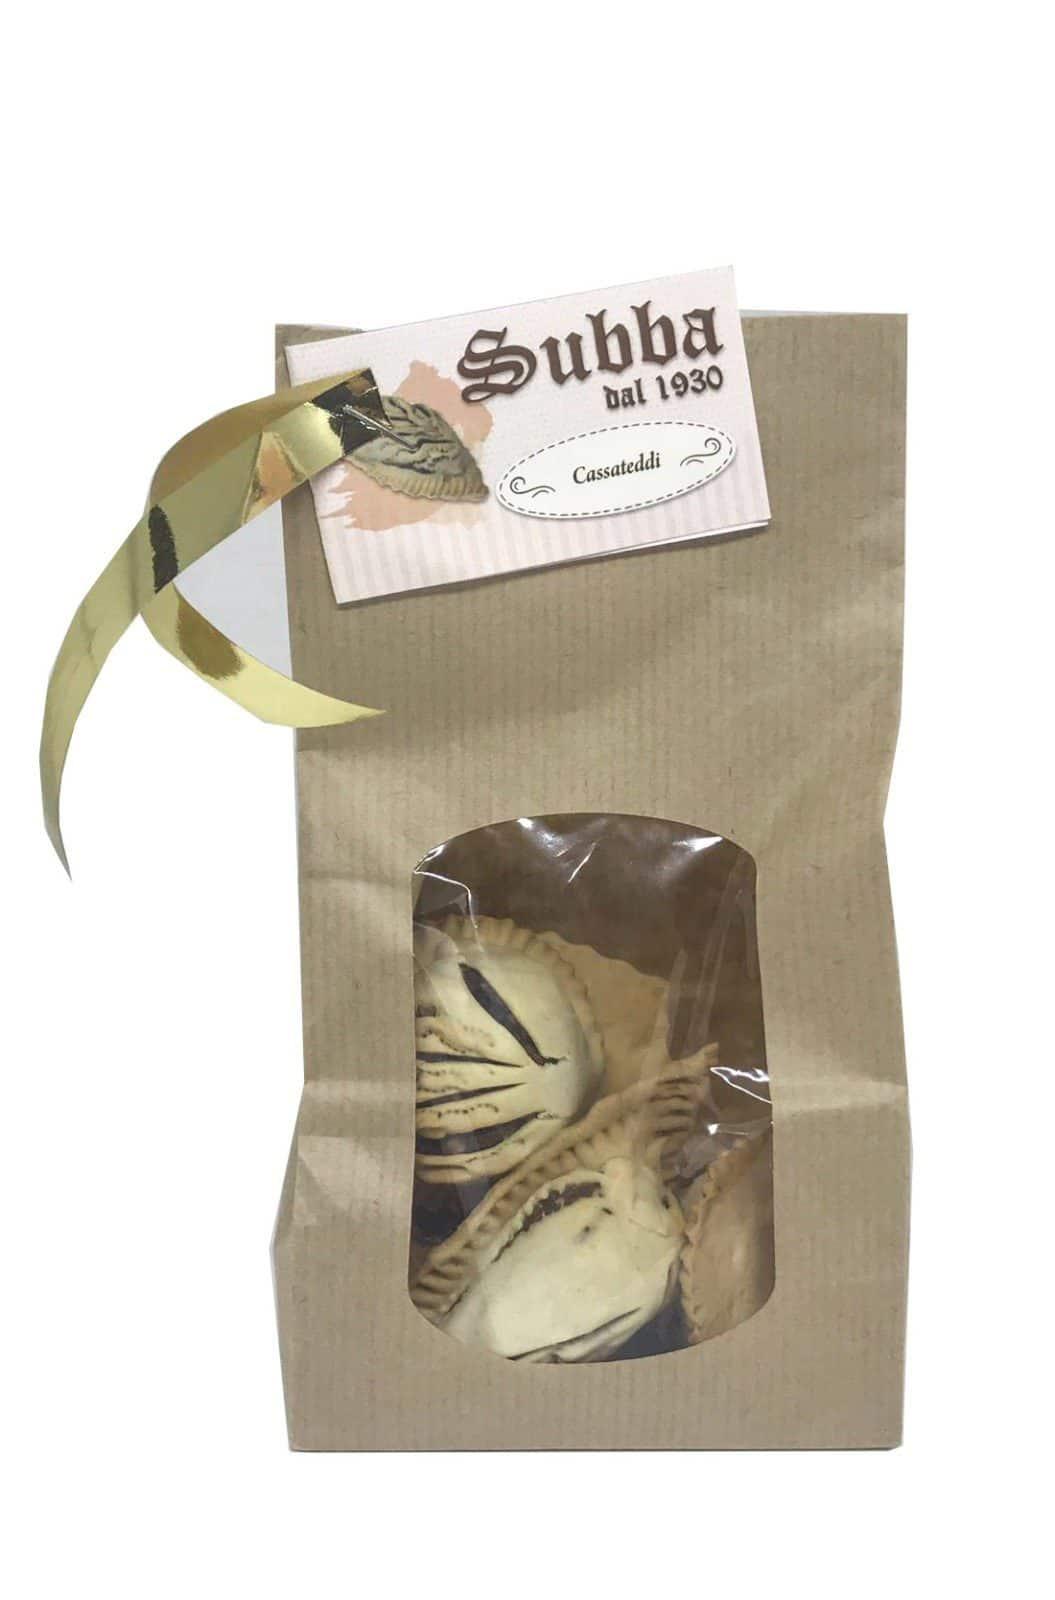 Cassateddi Eoliani 180g – SUBBA